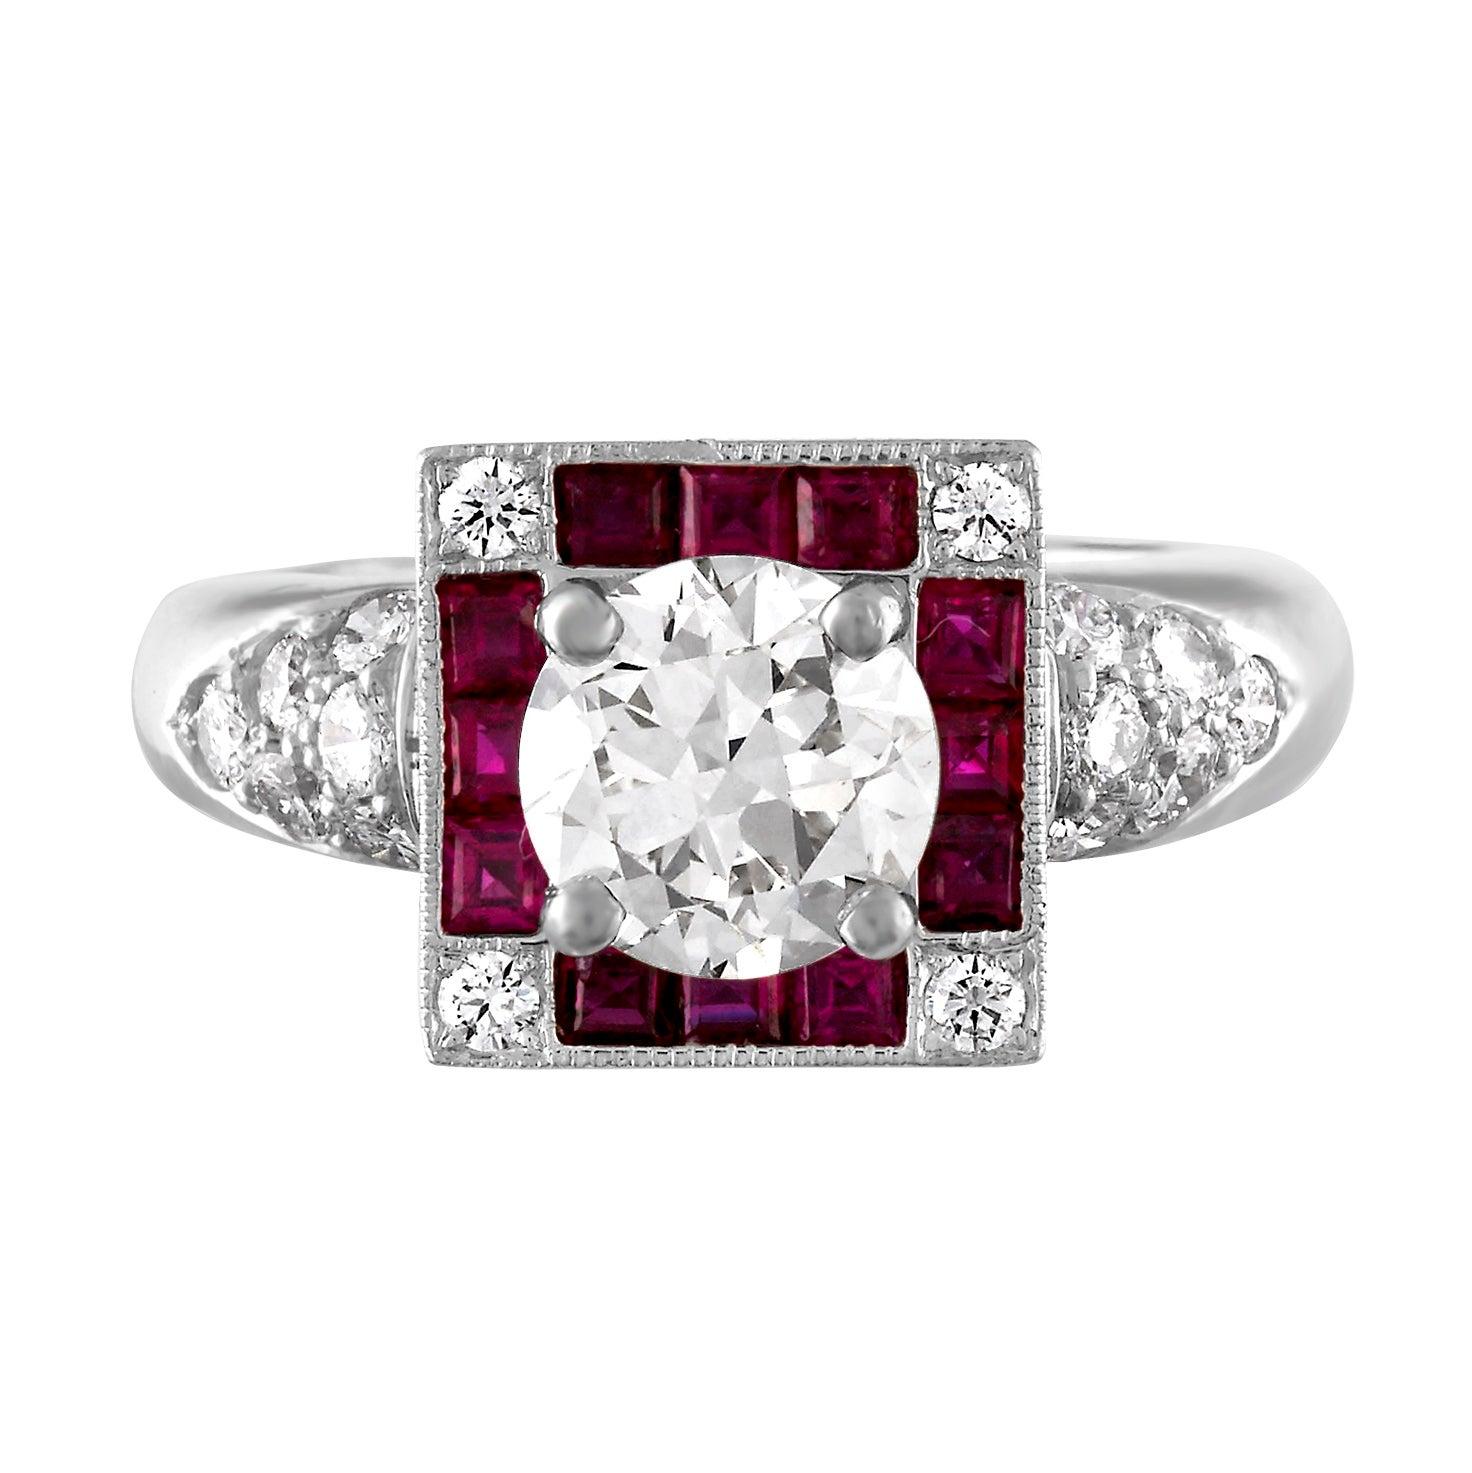 GIA Certified 1.48 Carat Diamond Ruby Platinum Ring